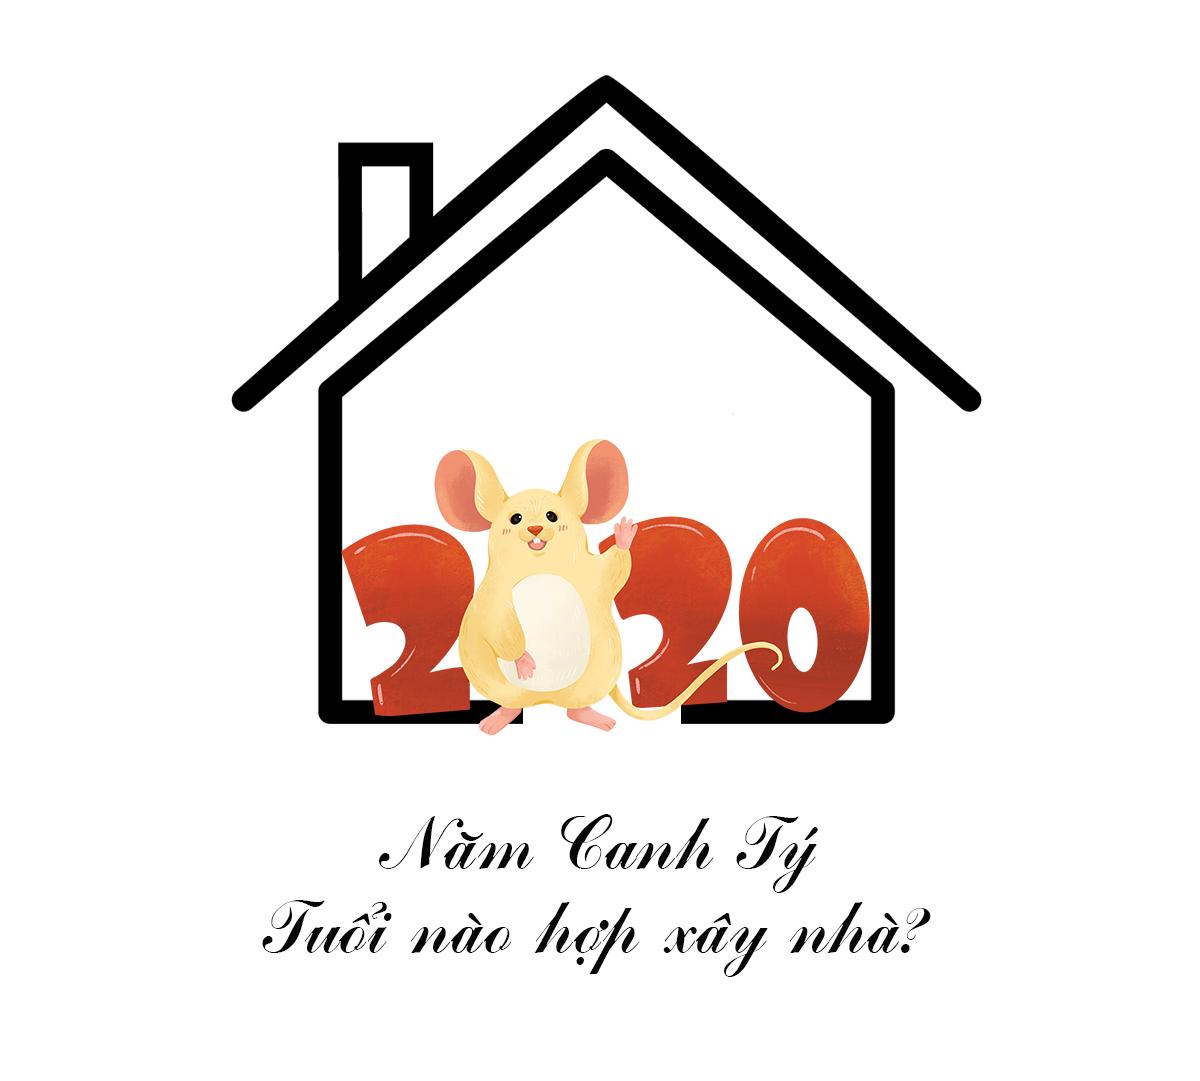 Năm Canh Tý 2020 tuổi nào hợp làm nhà?